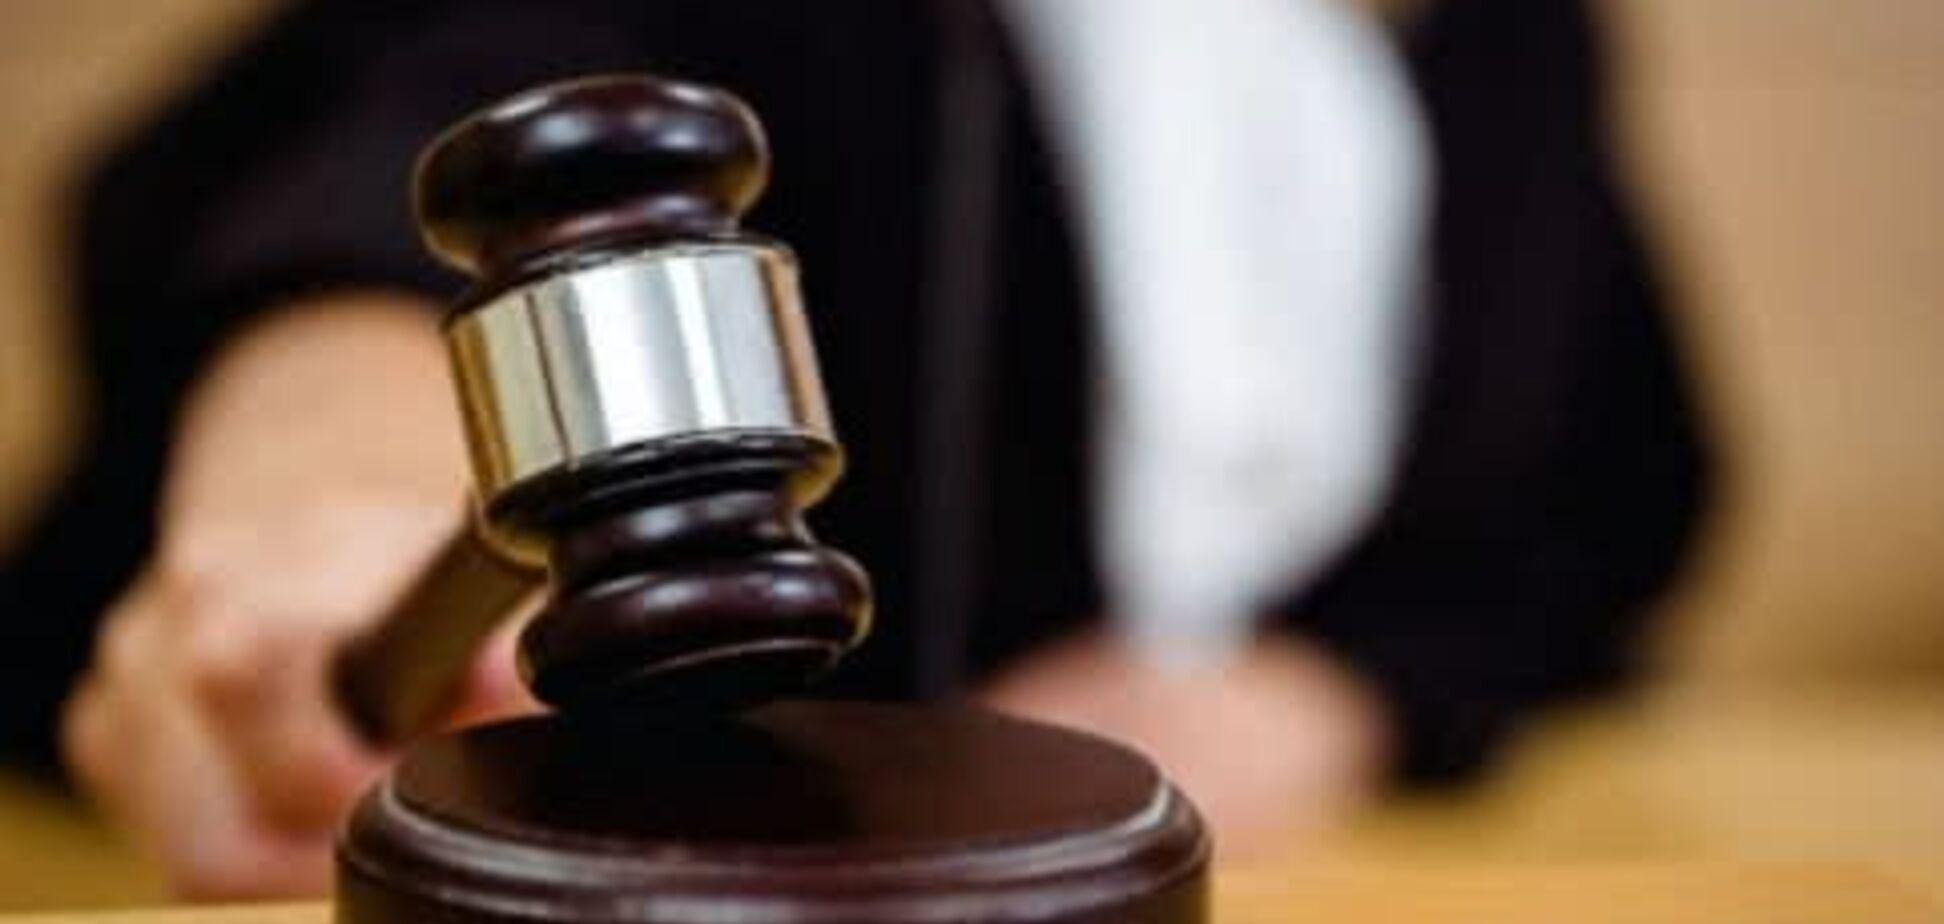 Житель Киевщины обозвал мэра 'г*ндоном' и выиграл у него суд: курьезная история